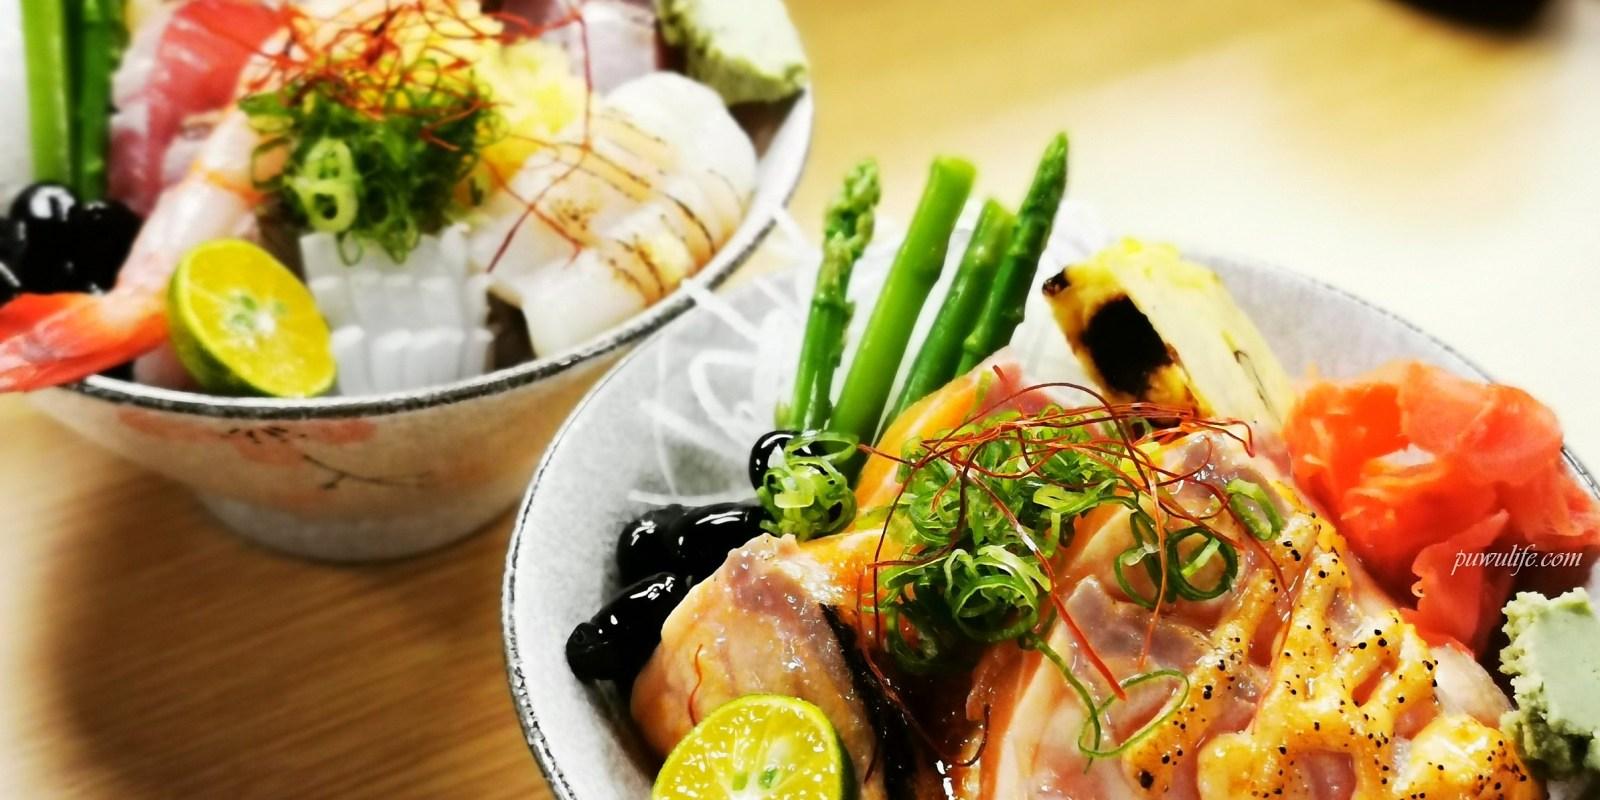 【大鵬壽司】松山區。南京三民平價日料.新鮮生魚片丼飯、鮭魚三重奏